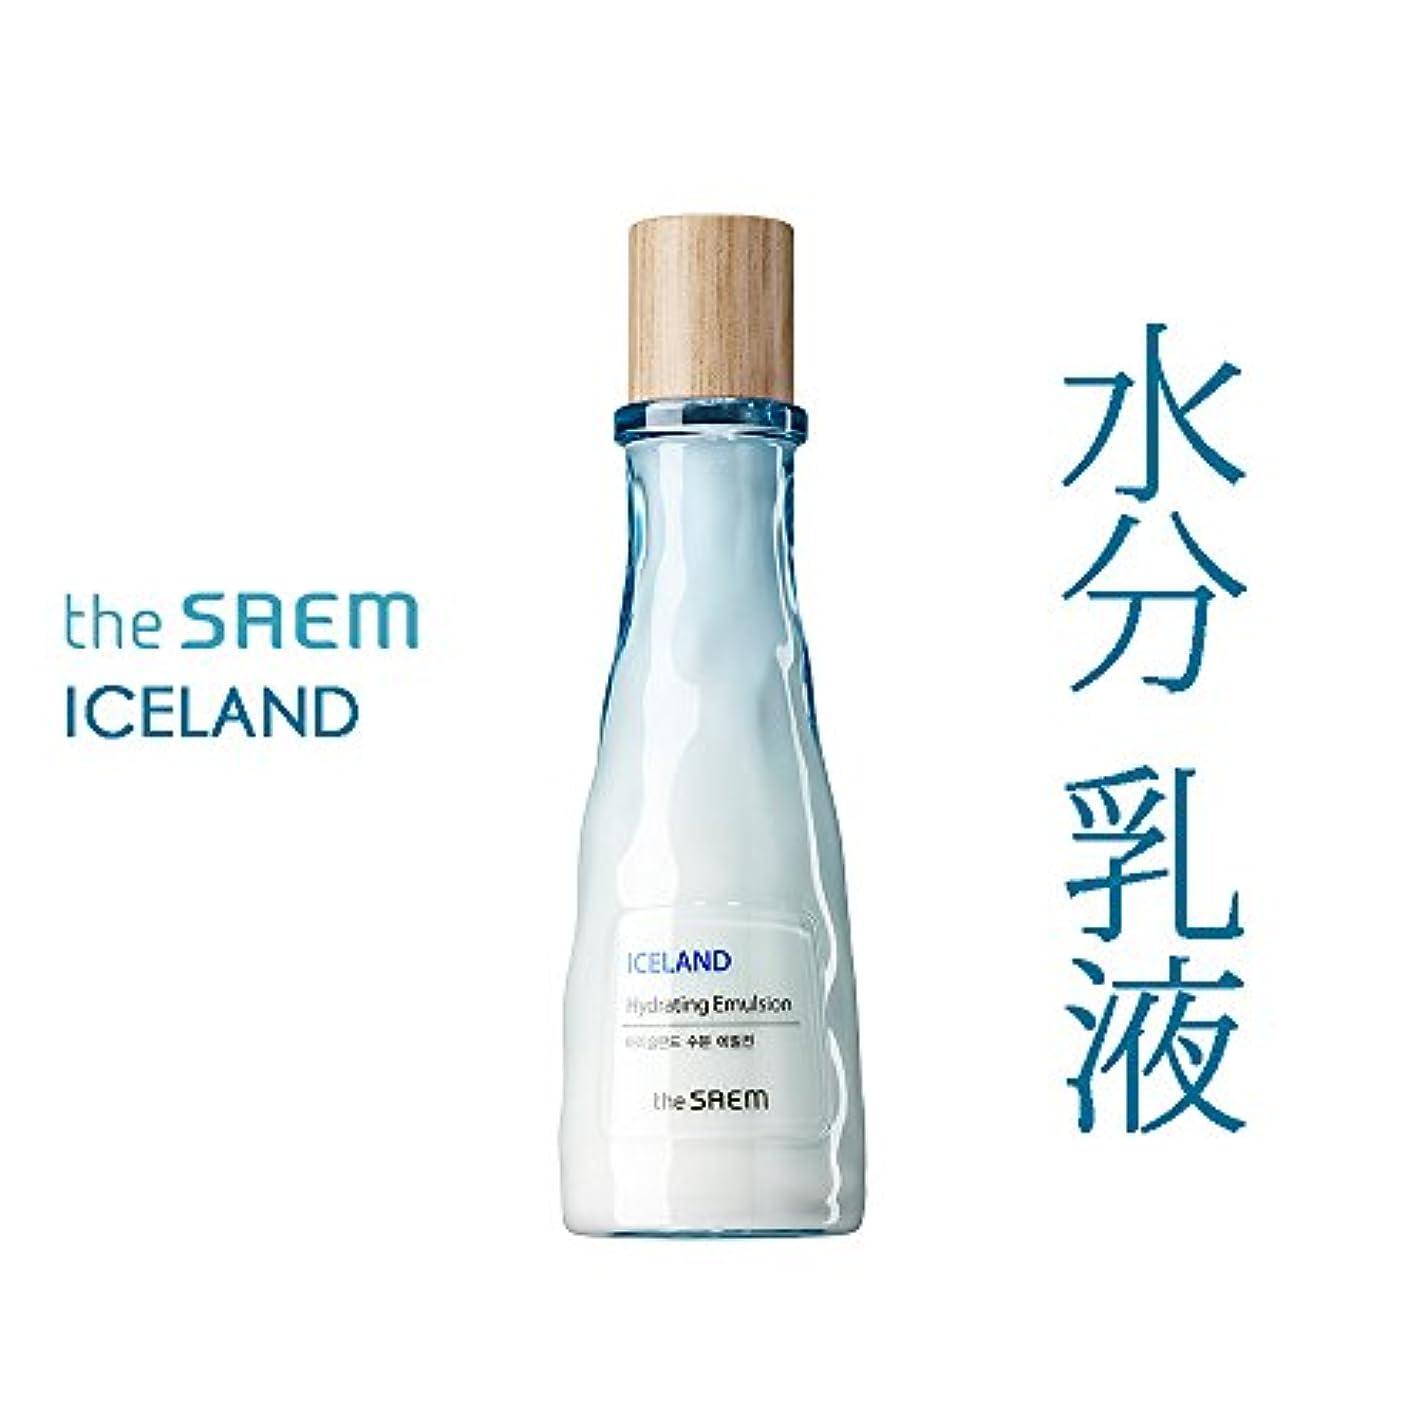 骨髄とげのある枕ザ セム The saem アイスランド 水分 乳液 The Saem Iceland Hydrating E mulsion 140ml